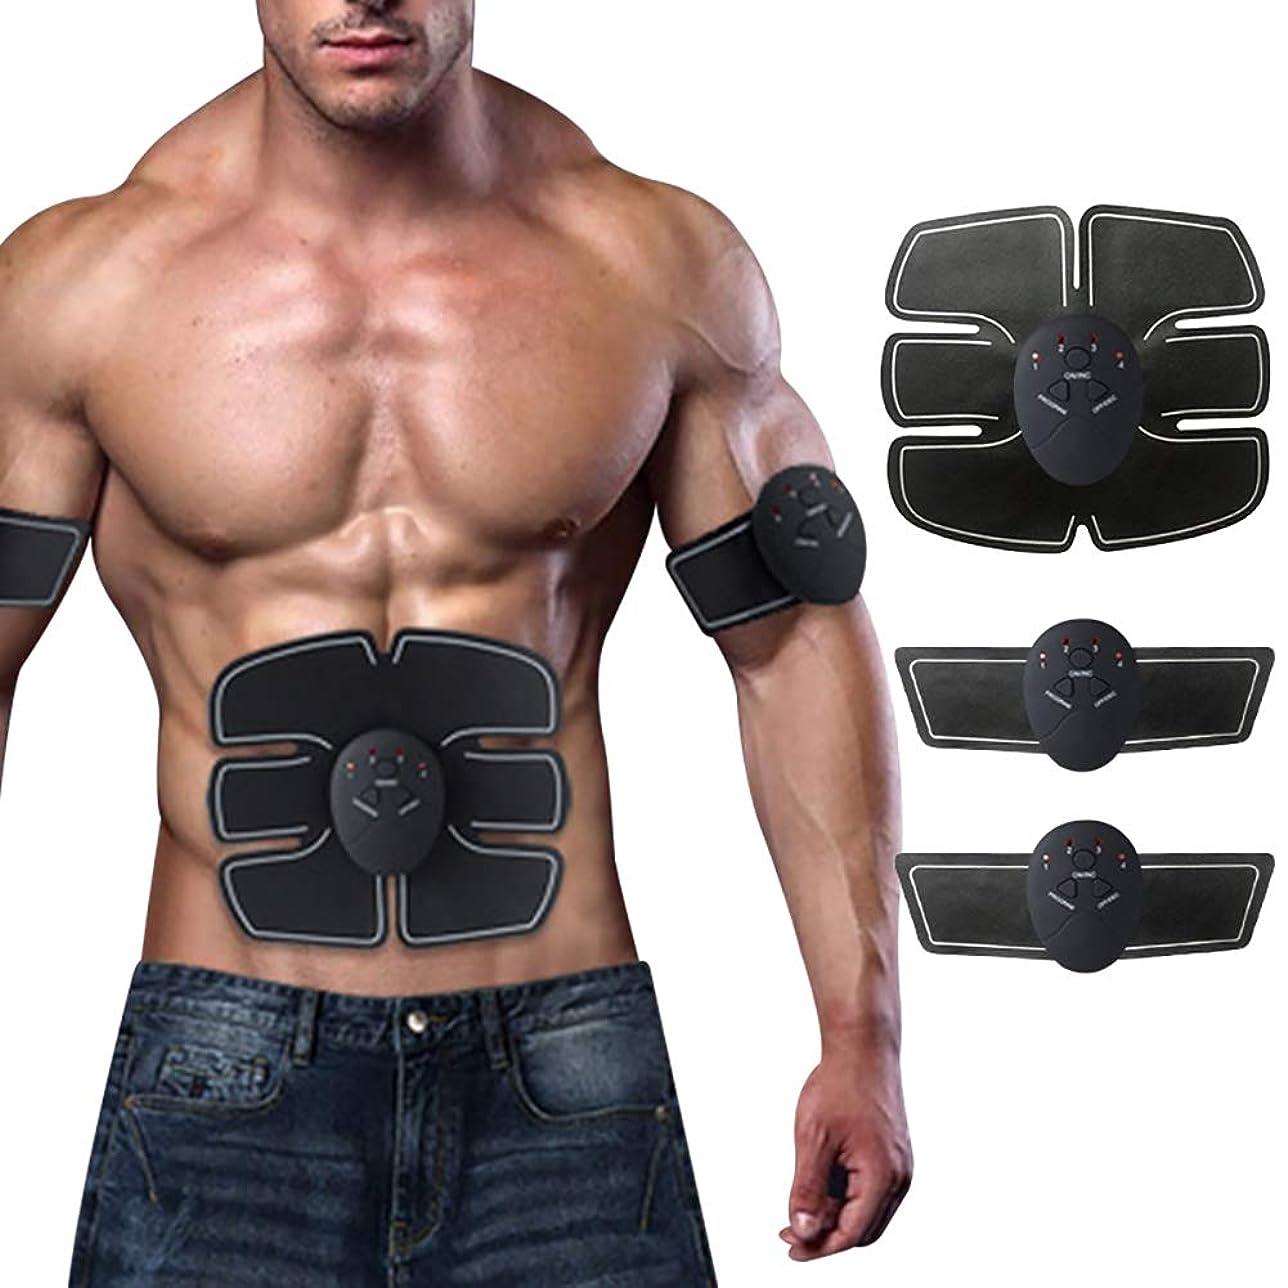 コイル北東対処するスマートフィットネス腹部器具、EMSテクノロジー腹部および腕筋刺激トレーナー筋肉運動怠Exerciseな家族フィットネス機器,A,Charging